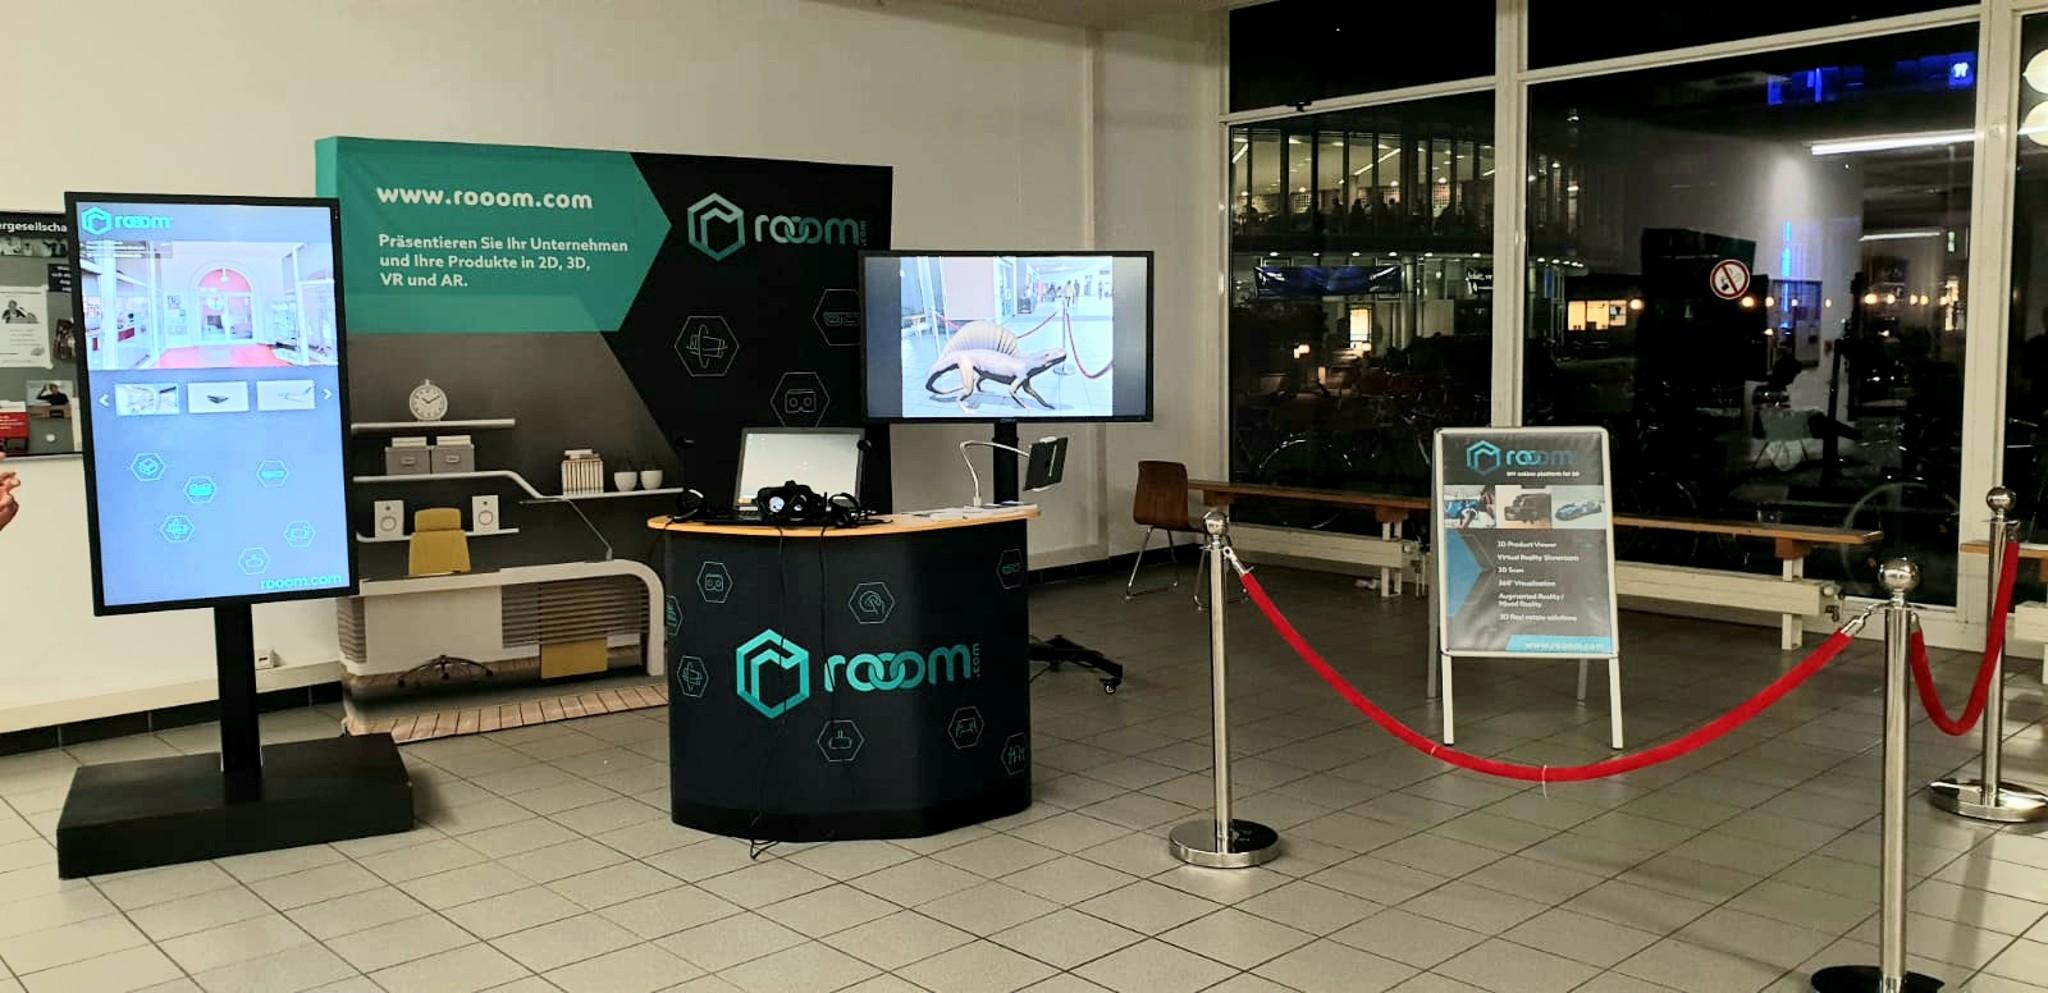 rooom presented 3D technology at the Lange Nacht der Wissenschaften